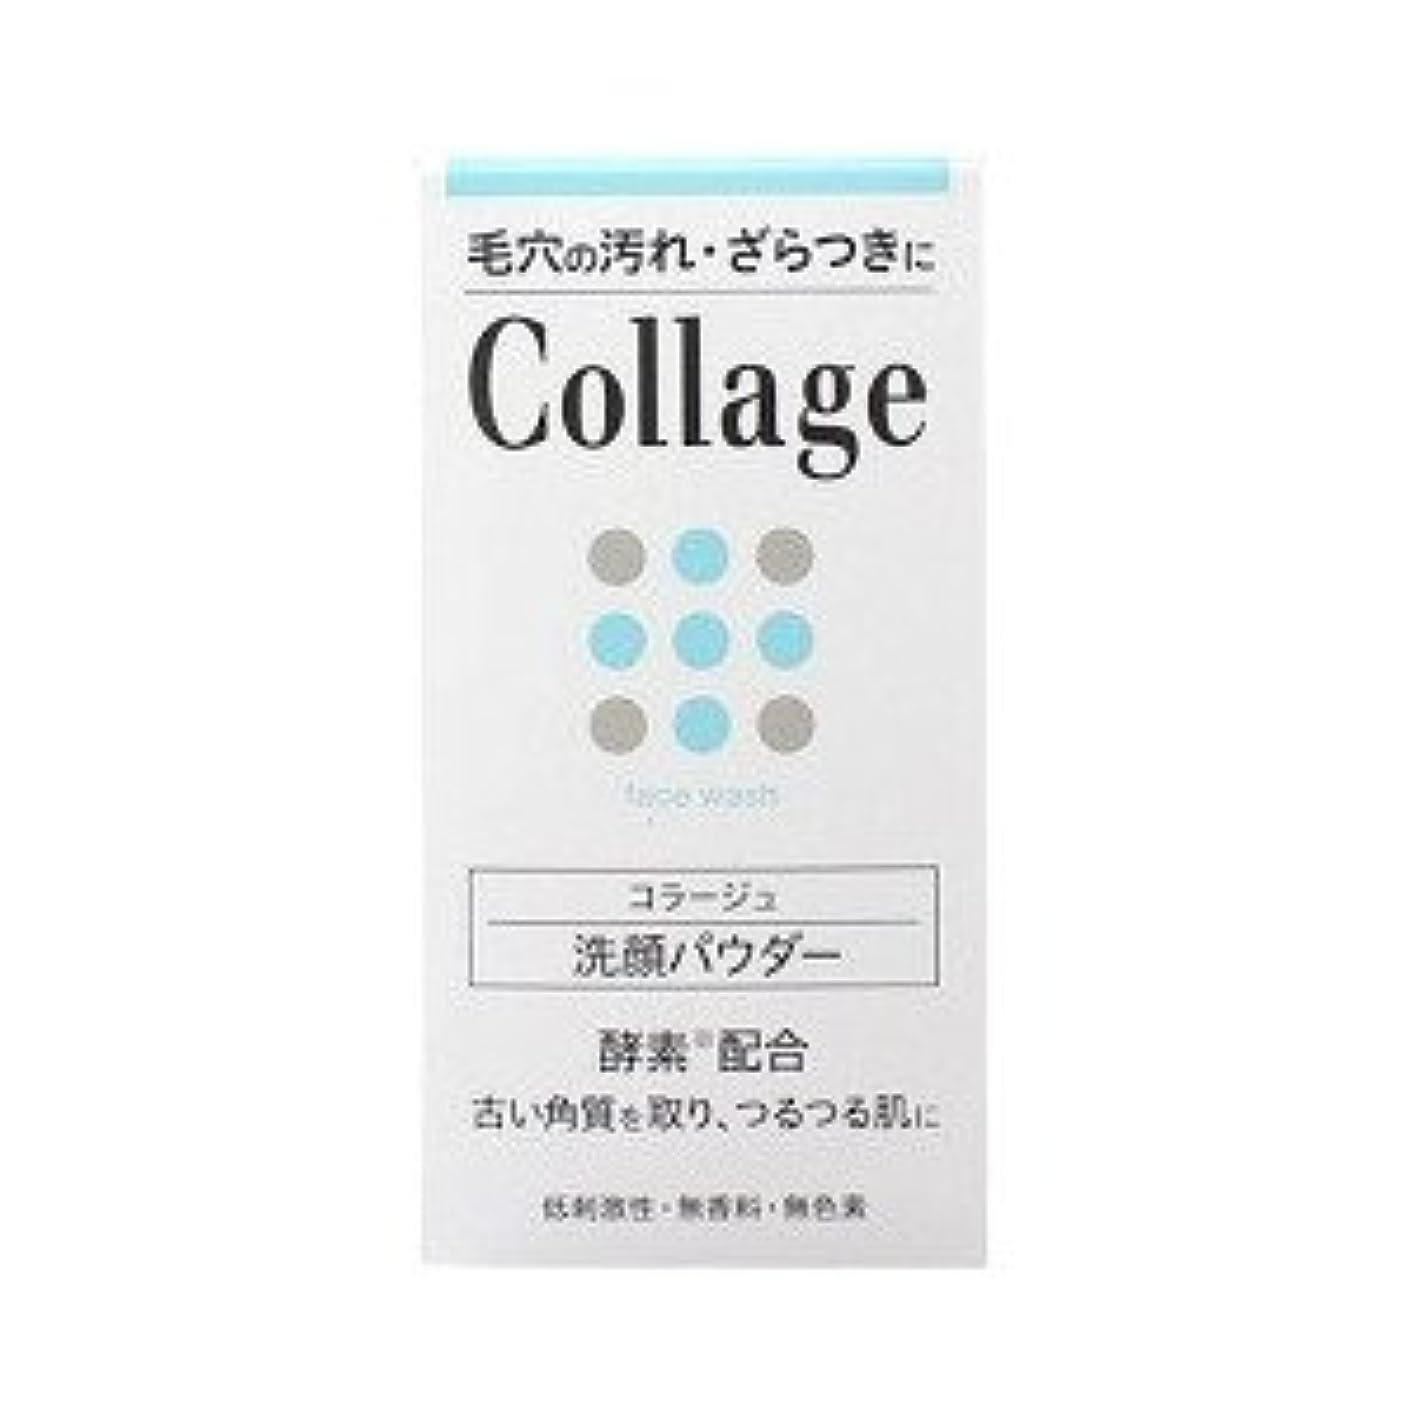 クラック炎上創傷(持田ヘルスケア)コラージュ 洗顔パウダー 40g(お買い得3個セット)